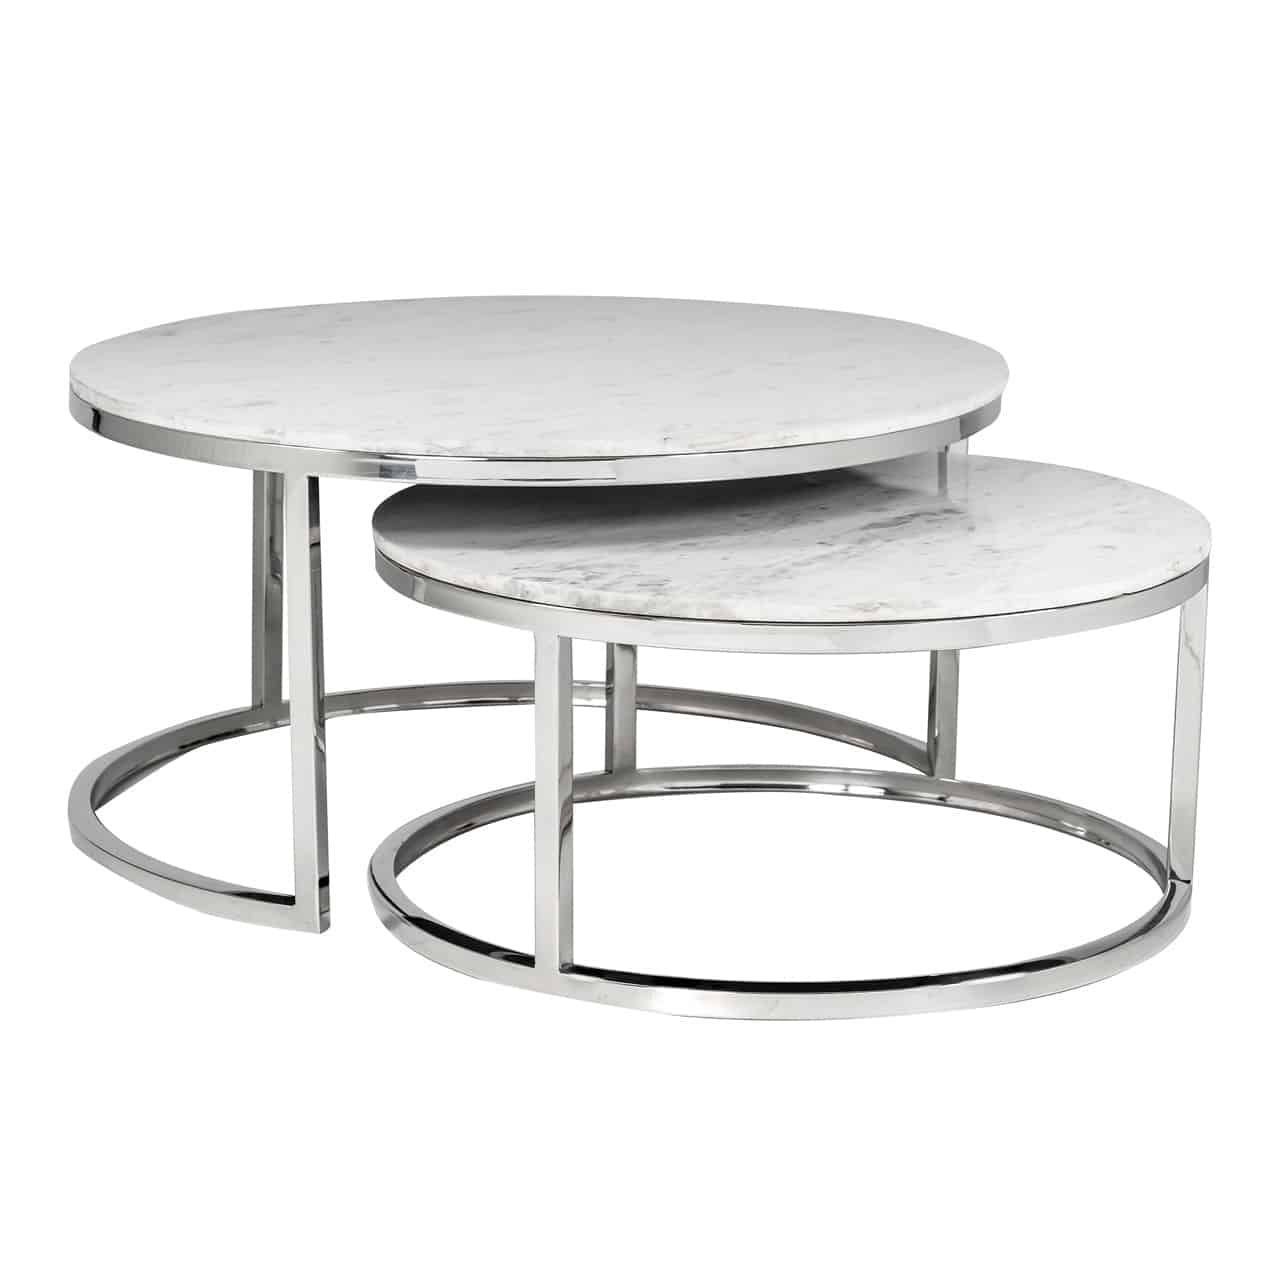 Zwei Tische Die Sich Optimal Erganzen Und Den Raum Perfekt